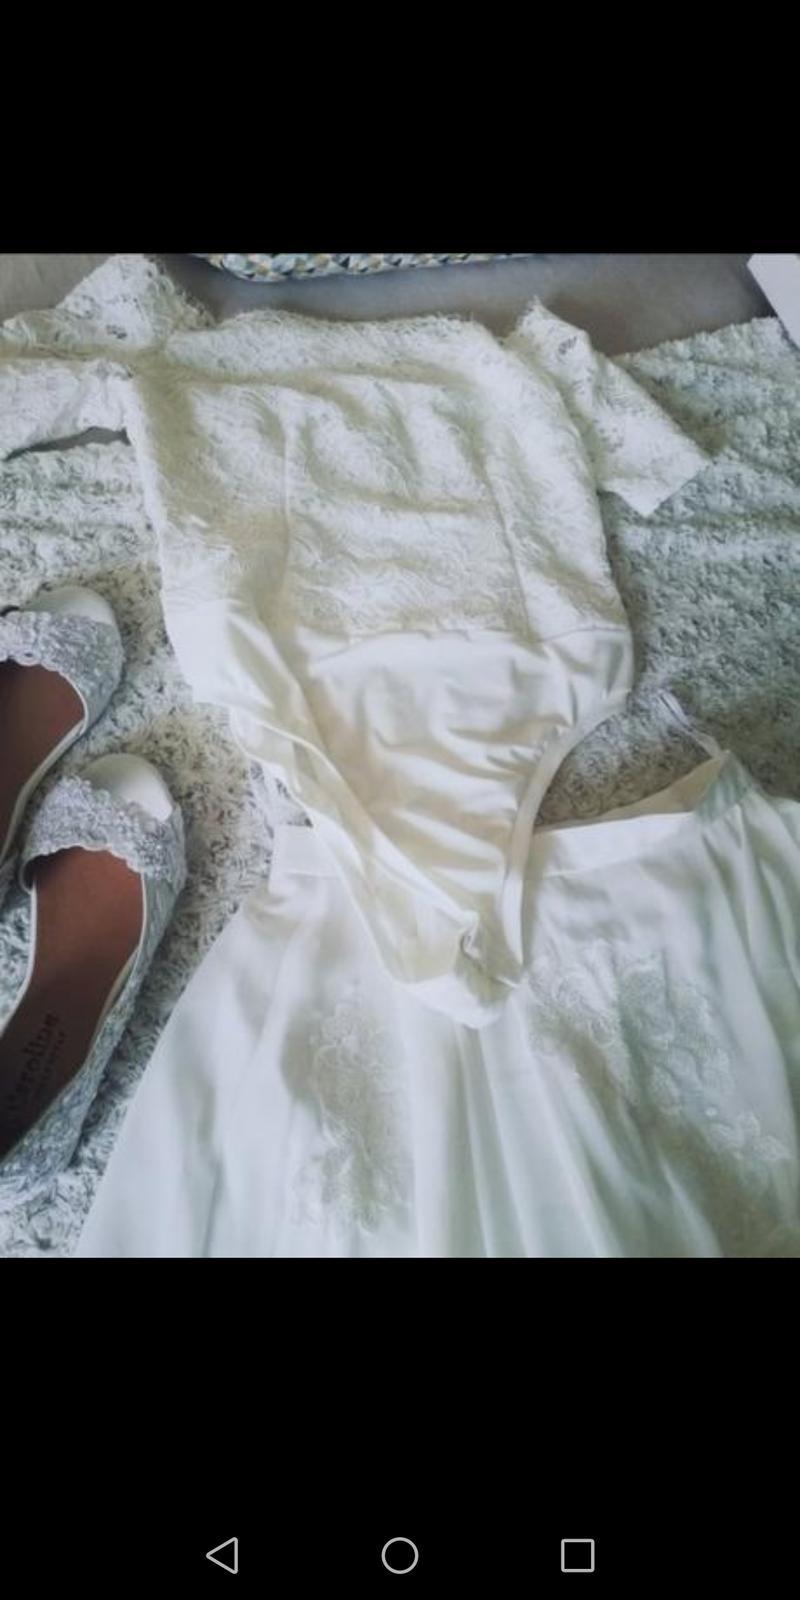 svadobná sukňa a body, veľkosť 40 - Obrázok č. 1